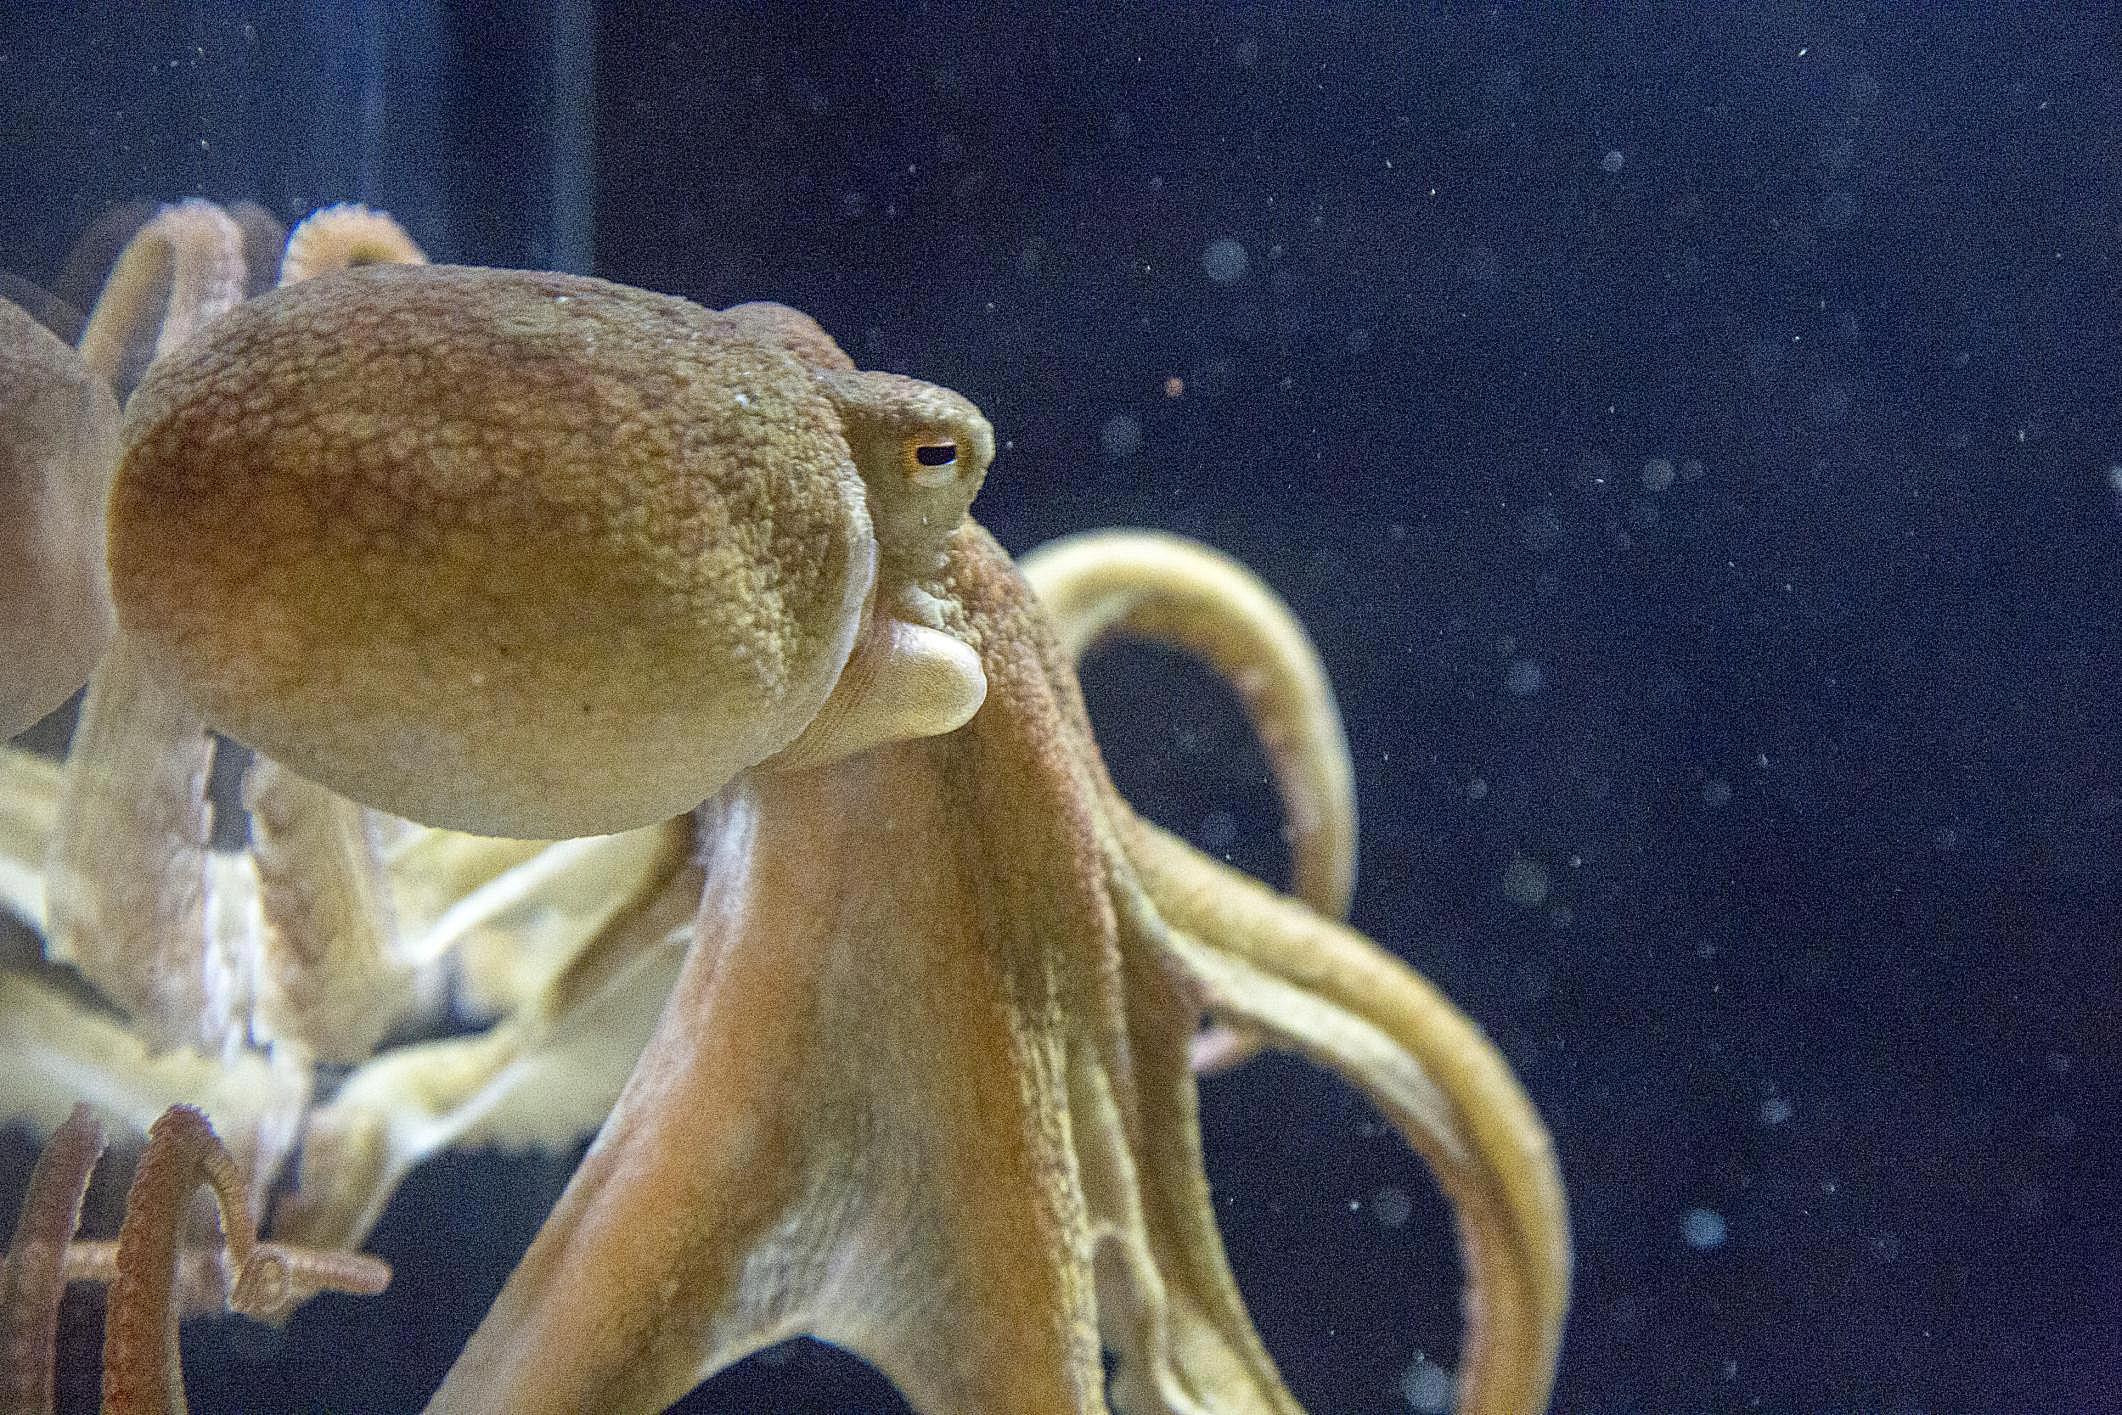 Mollusk Facts: Habitat, Behavior, Diet